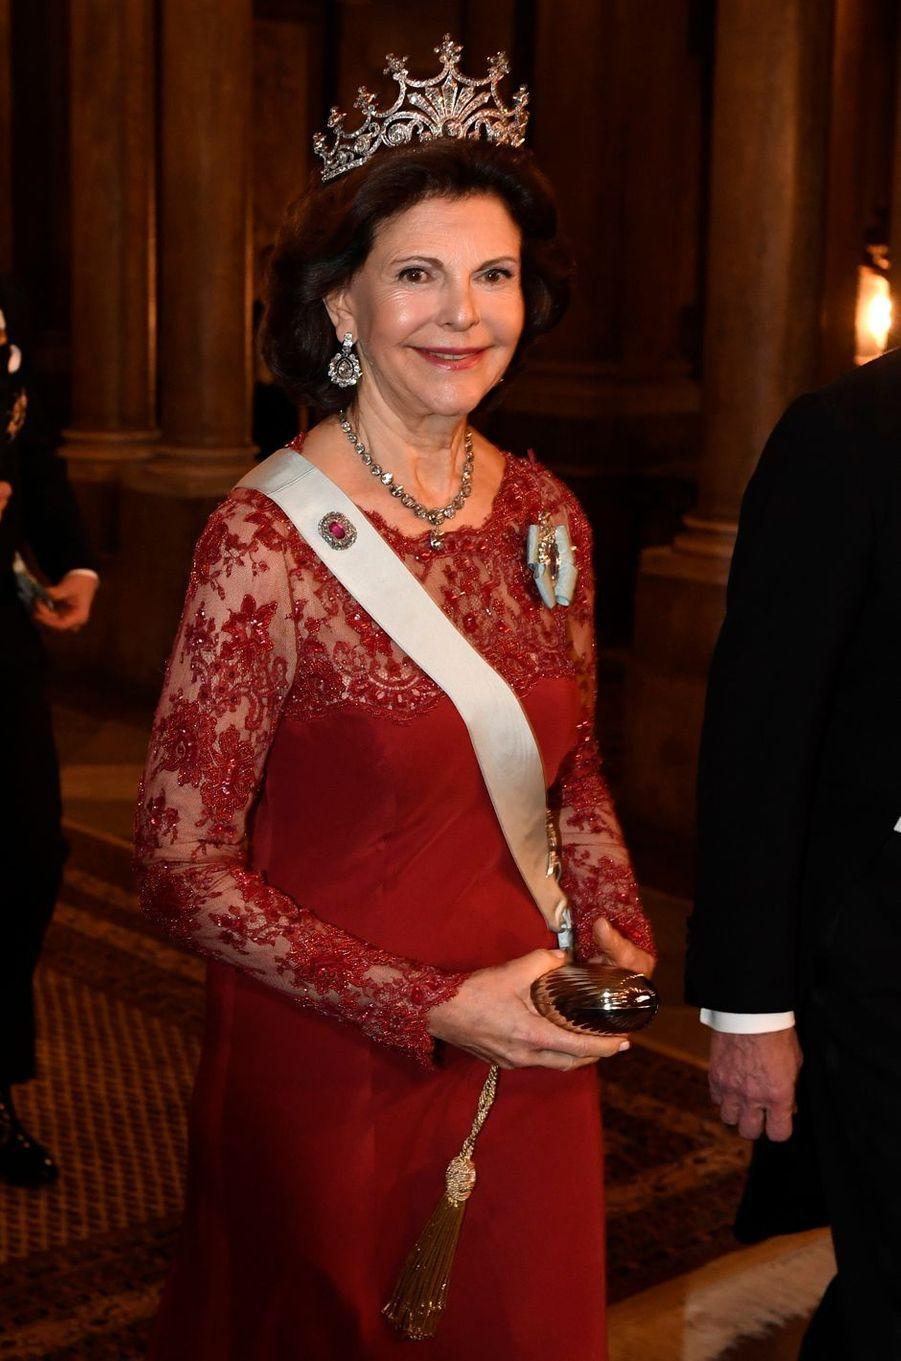 La reine Silvia de Suède à Stockholm, le 11 décembre 2016